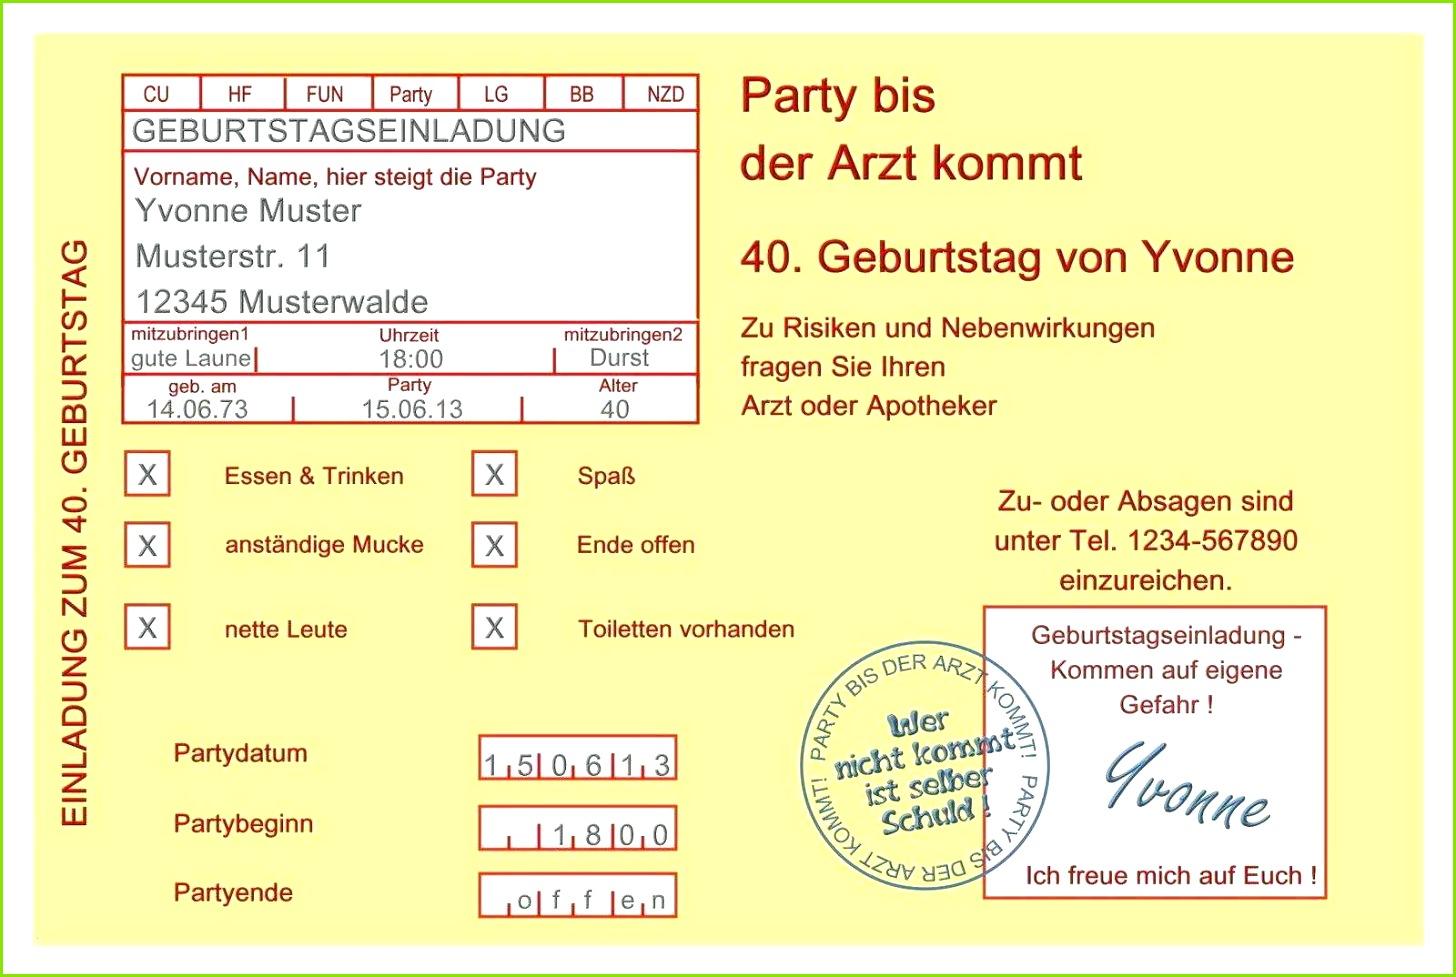 Einladung 50 Geburtstag originell Einladungskarten Vorlagen Geburtstag Vorlagen Einladungen 0d Einladungskarten Geburtstag 50 – Preisschilder Vorlagen